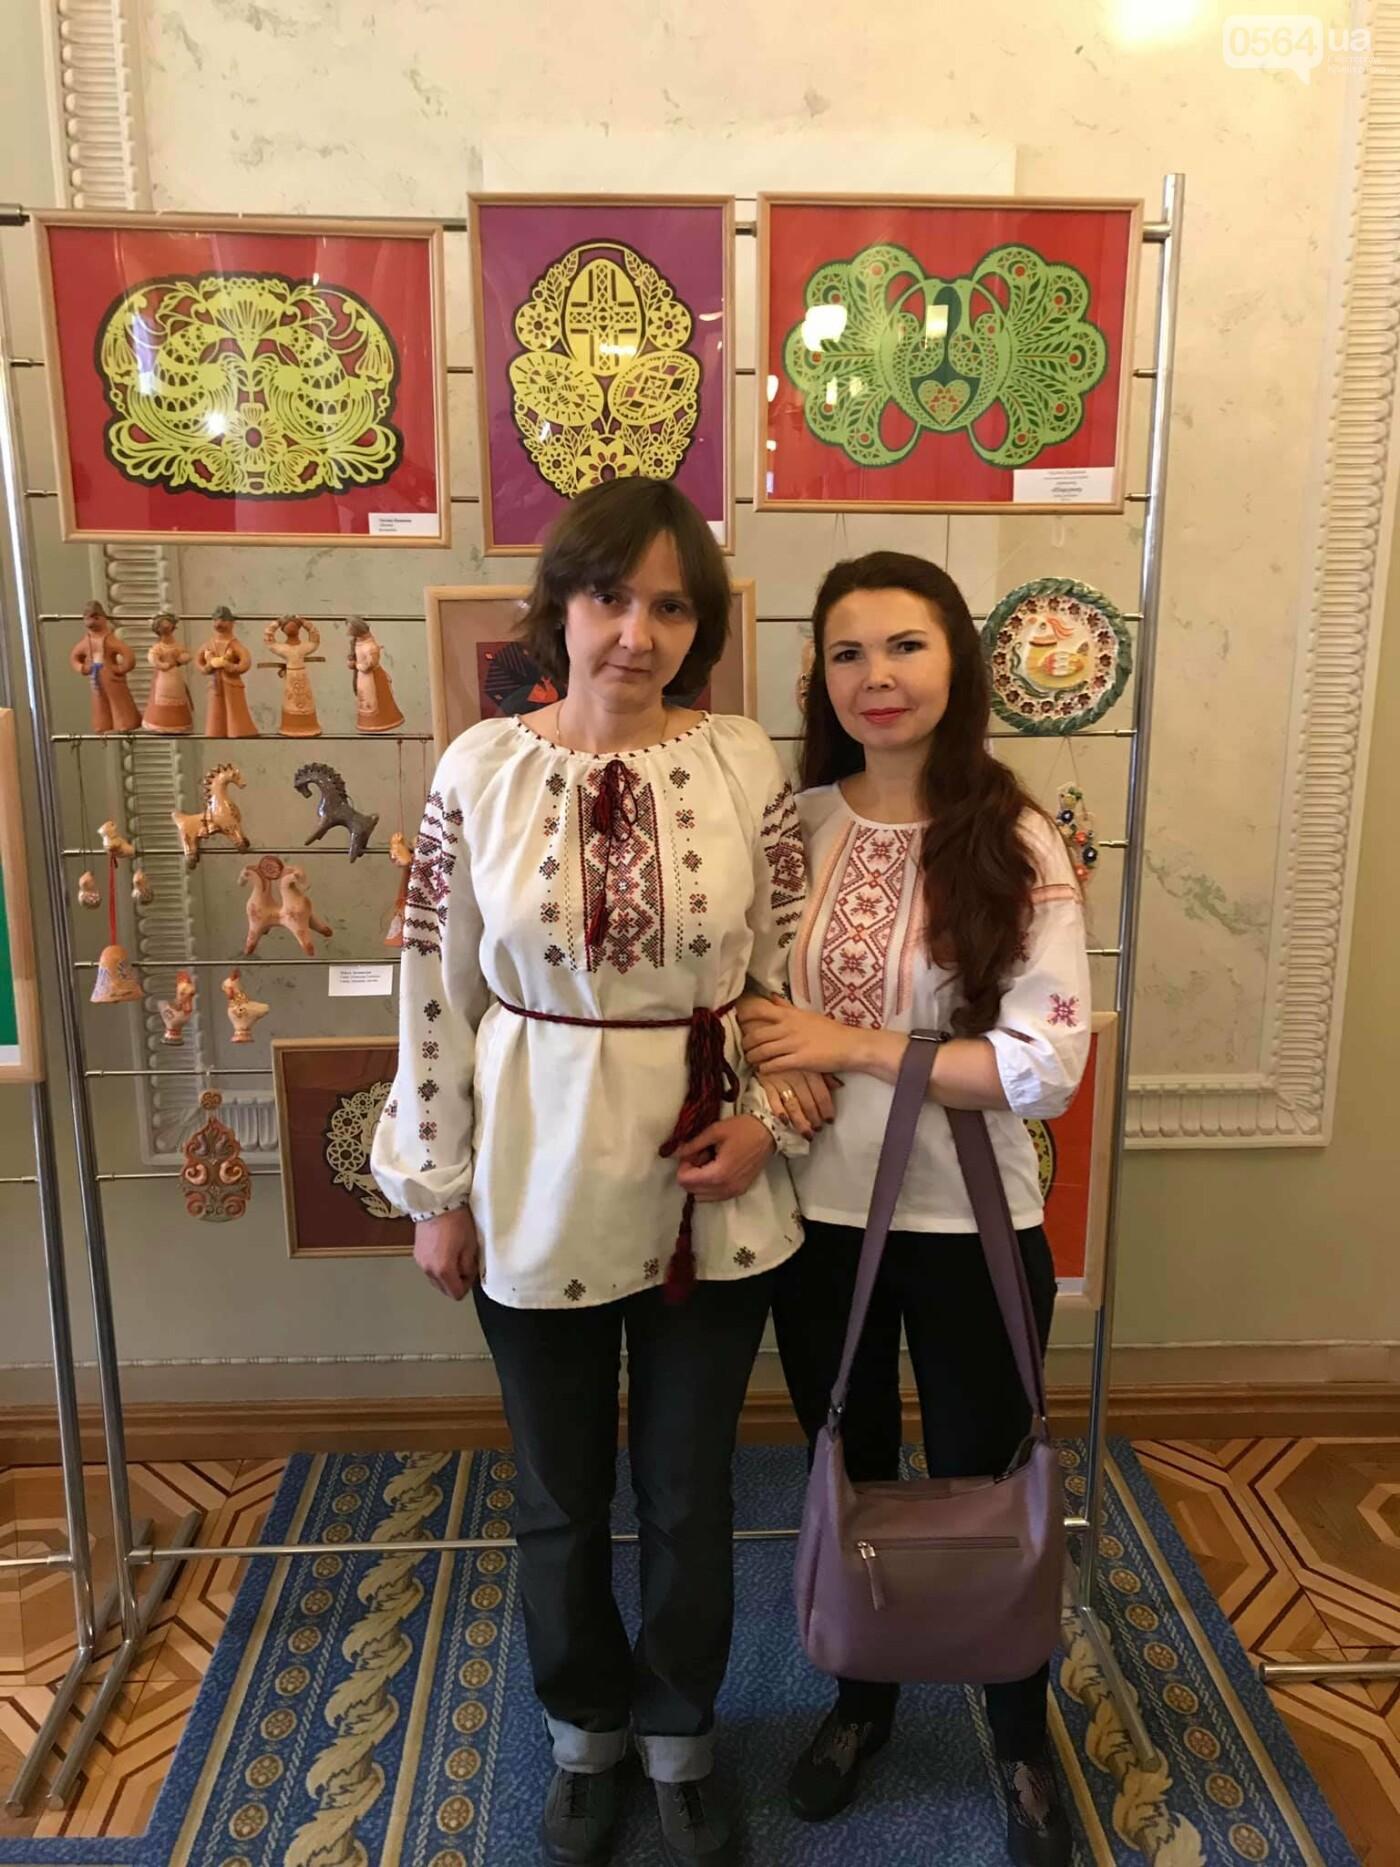 В Верховной Раде открылась выставка криворожских мастериц, - ФОТО, фото-7